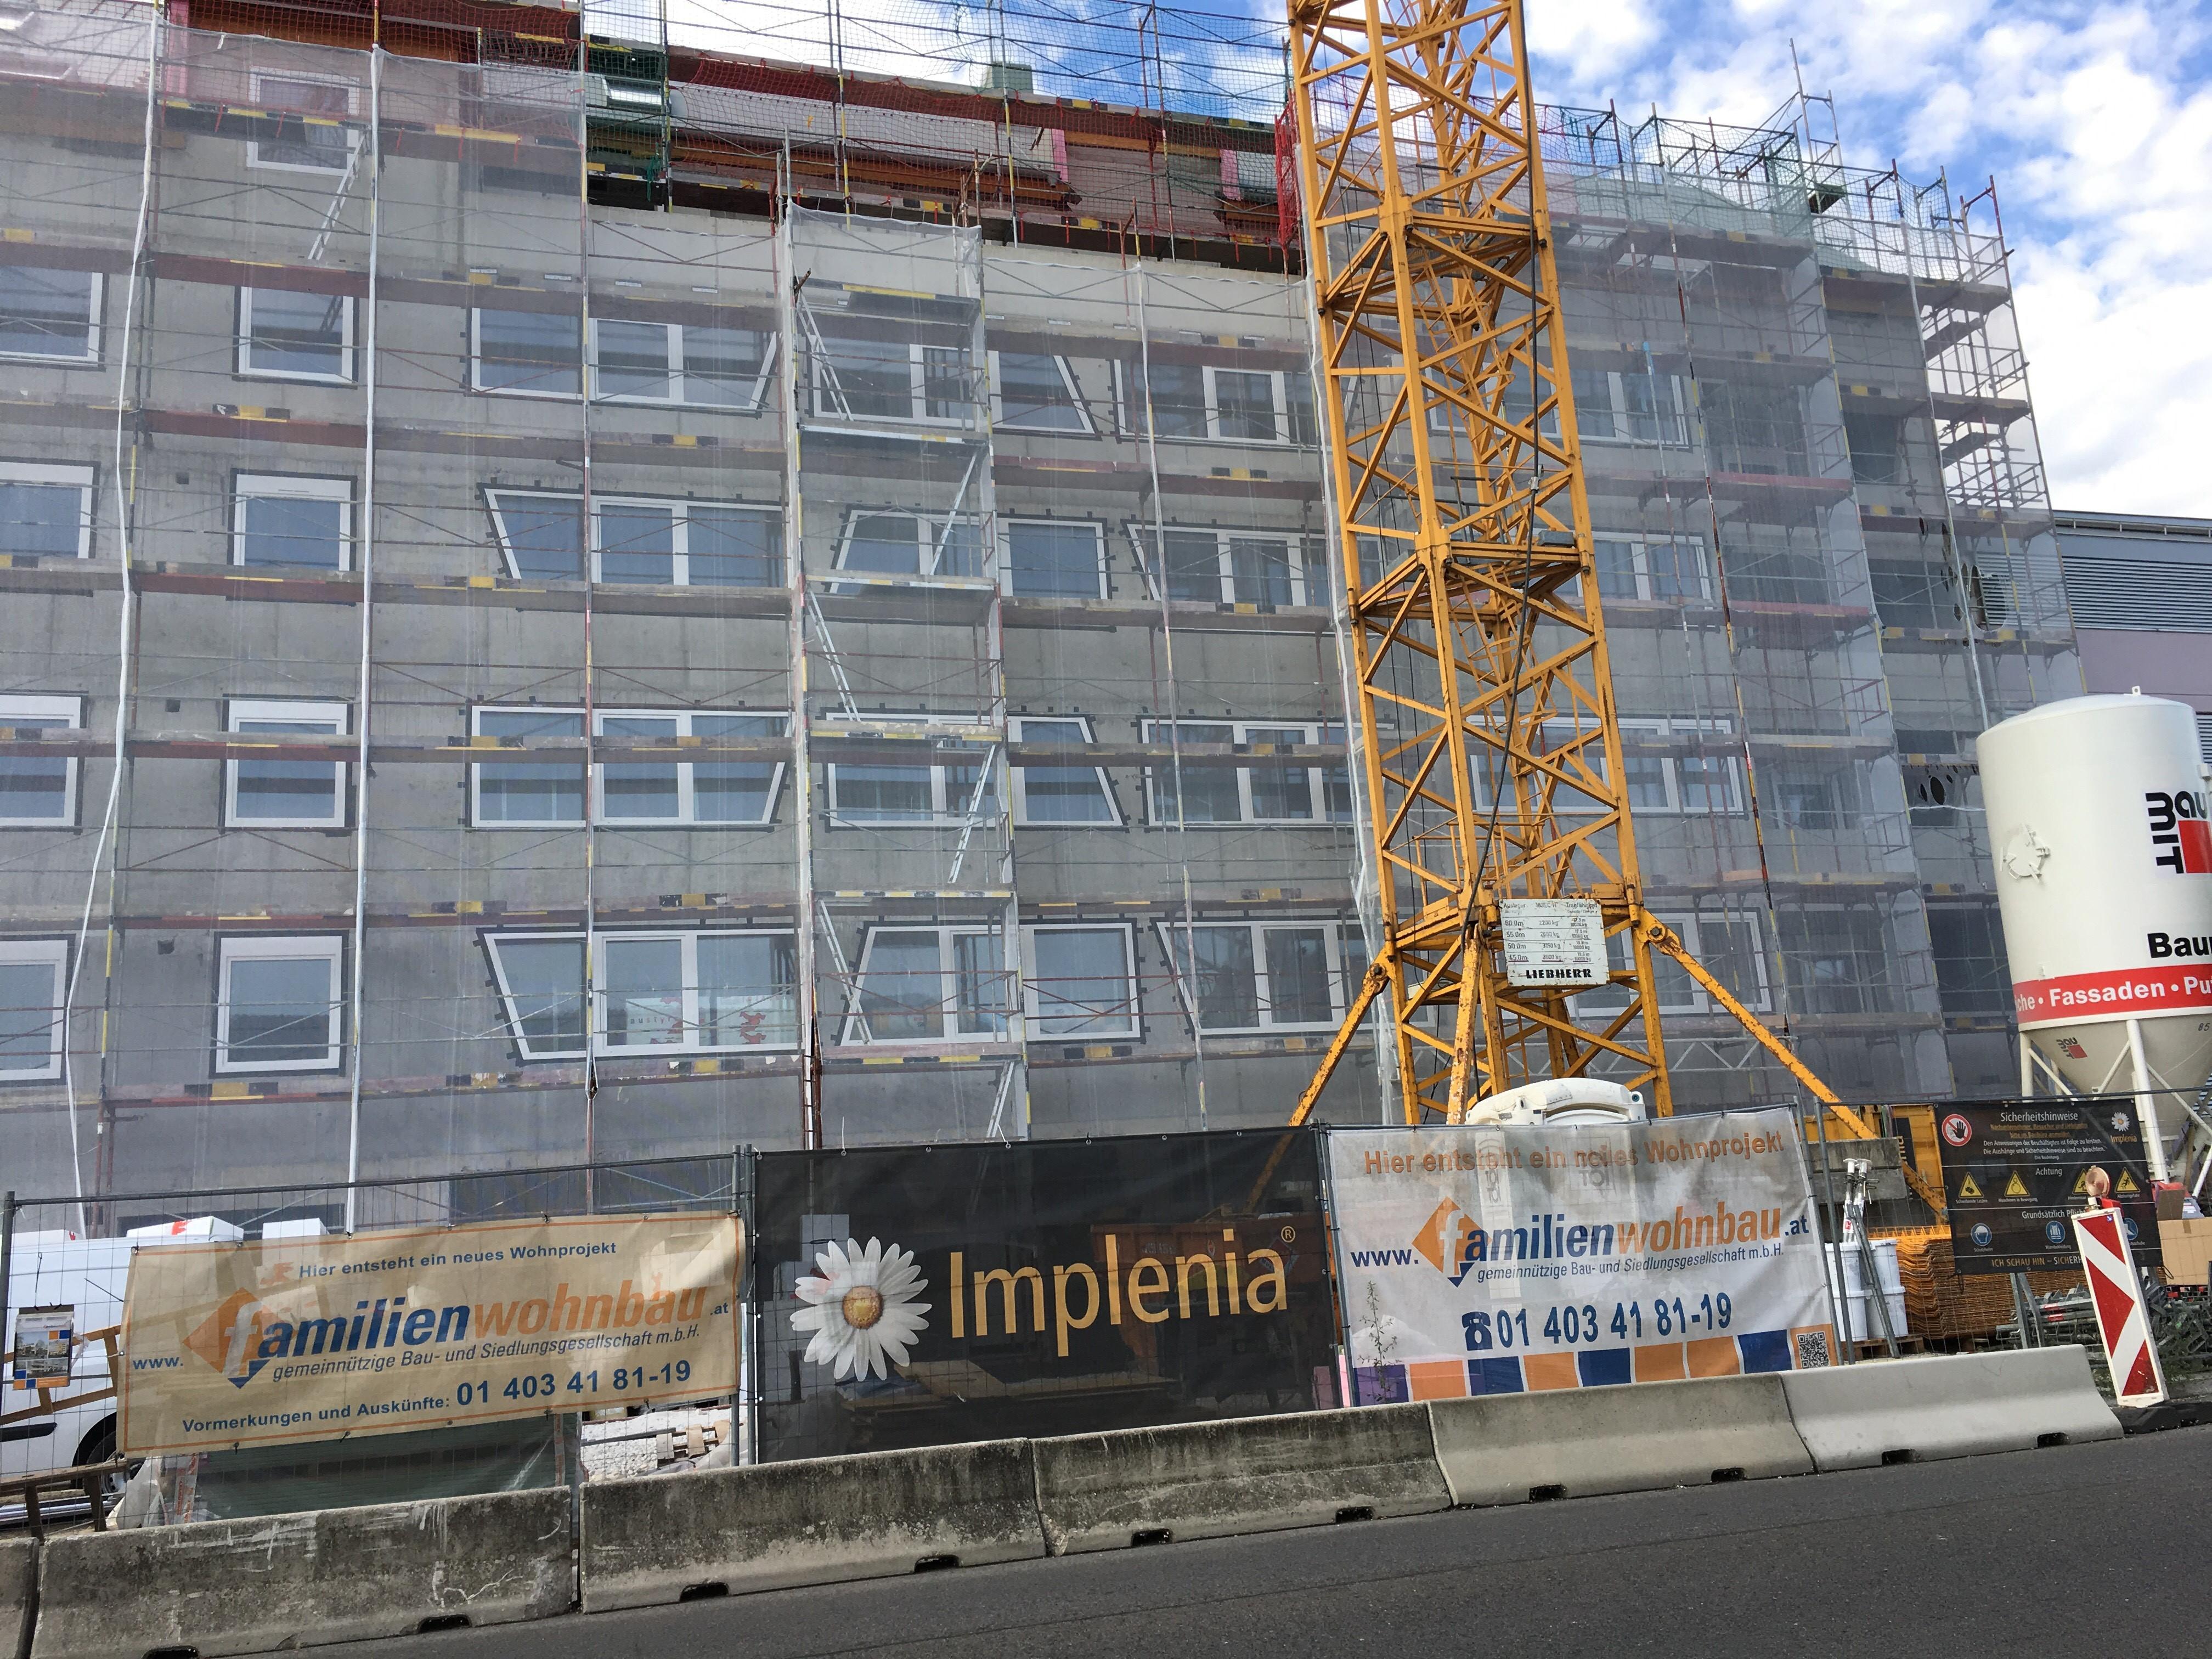 1110 Wien, Kaiserbesersdorfer Straße 206, Estricheinbau